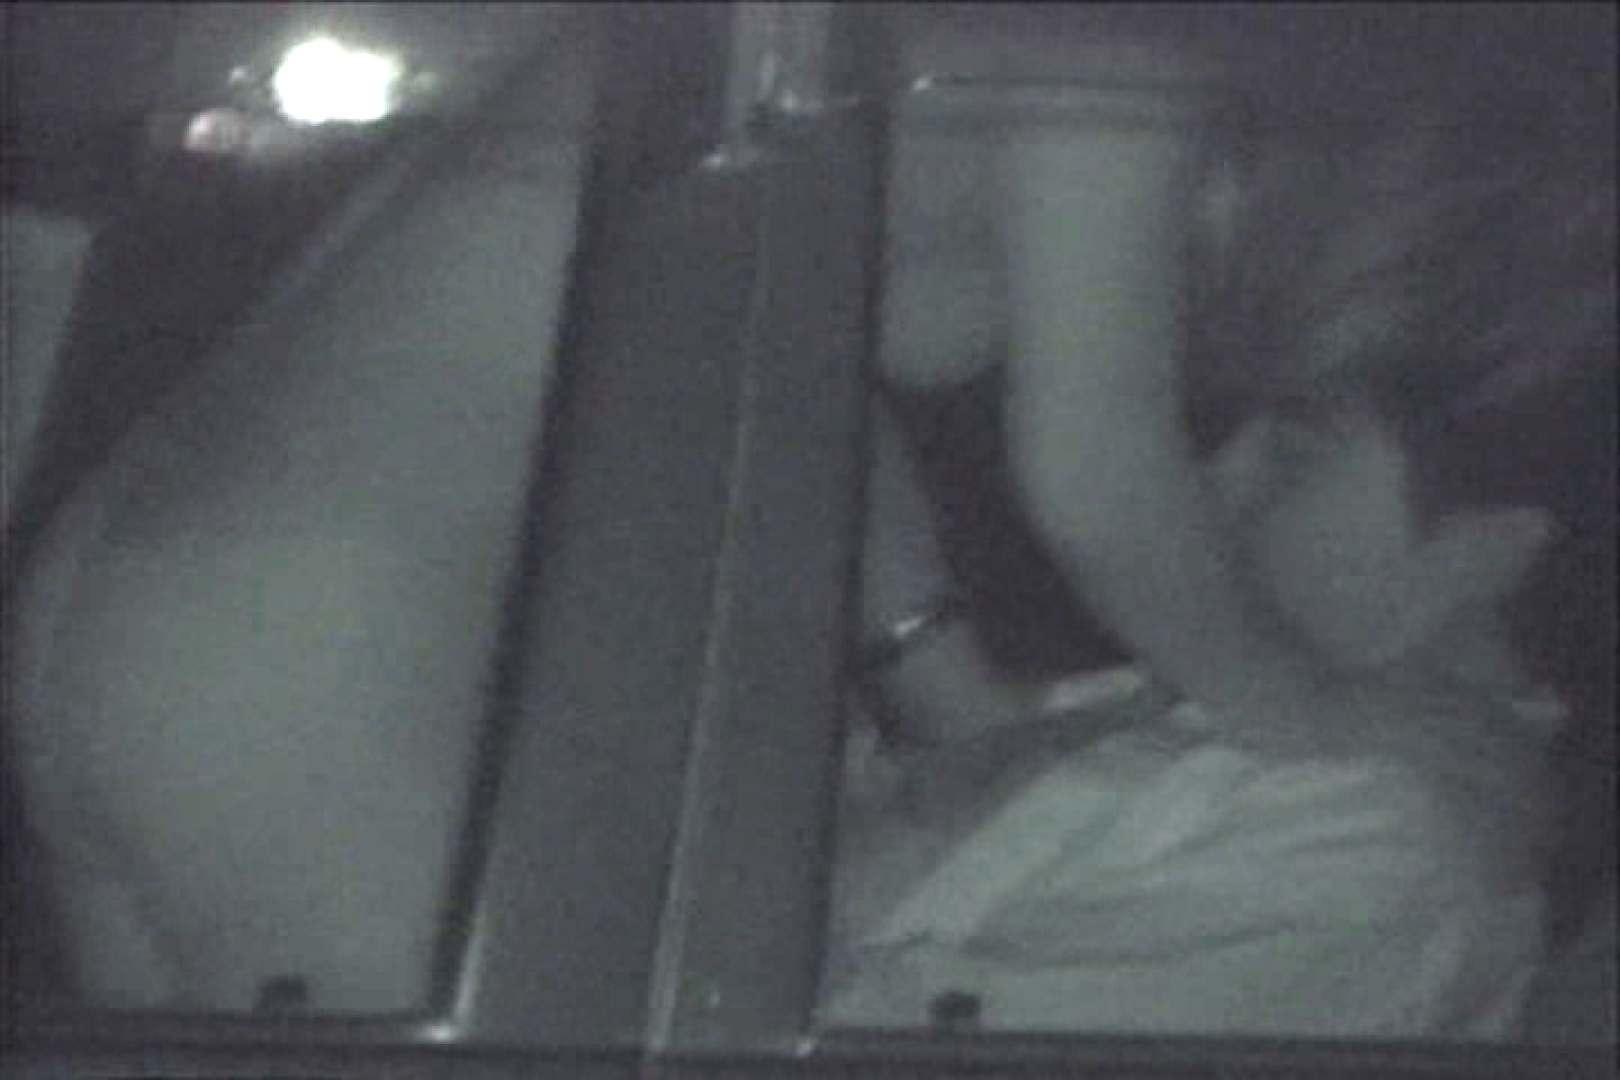 車の中はラブホテル 無修正版  Vol.18 セックス オマンコ動画キャプチャ 100pic 58